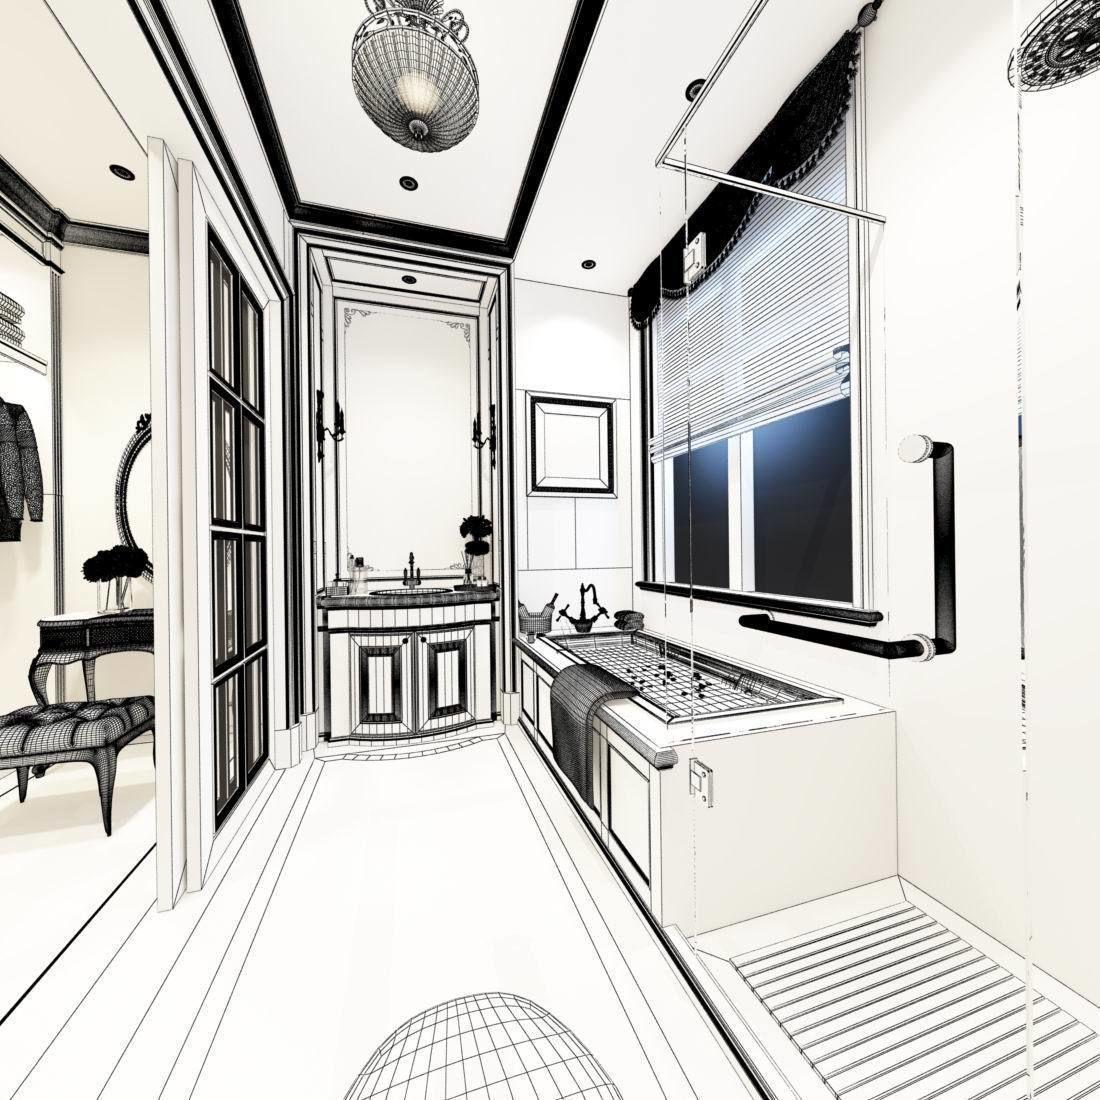 bathroom design complete model 78   CGTrader